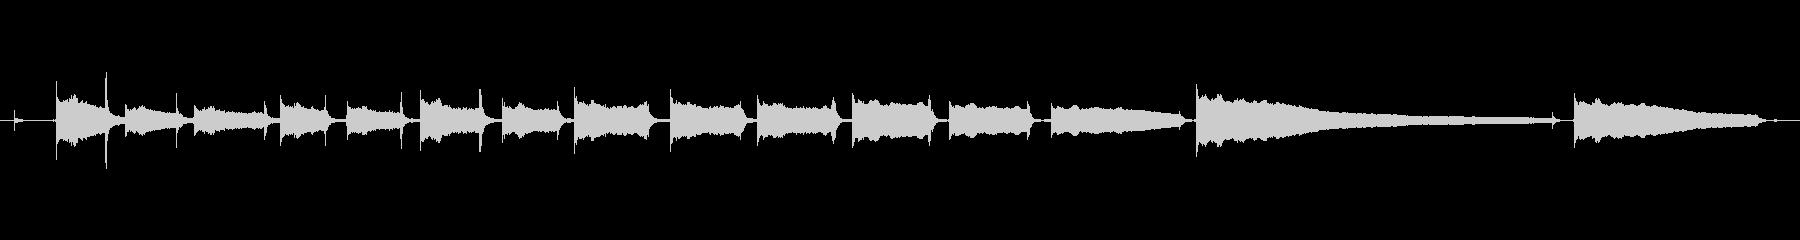 生音エレキギター3弦チューニング1の未再生の波形